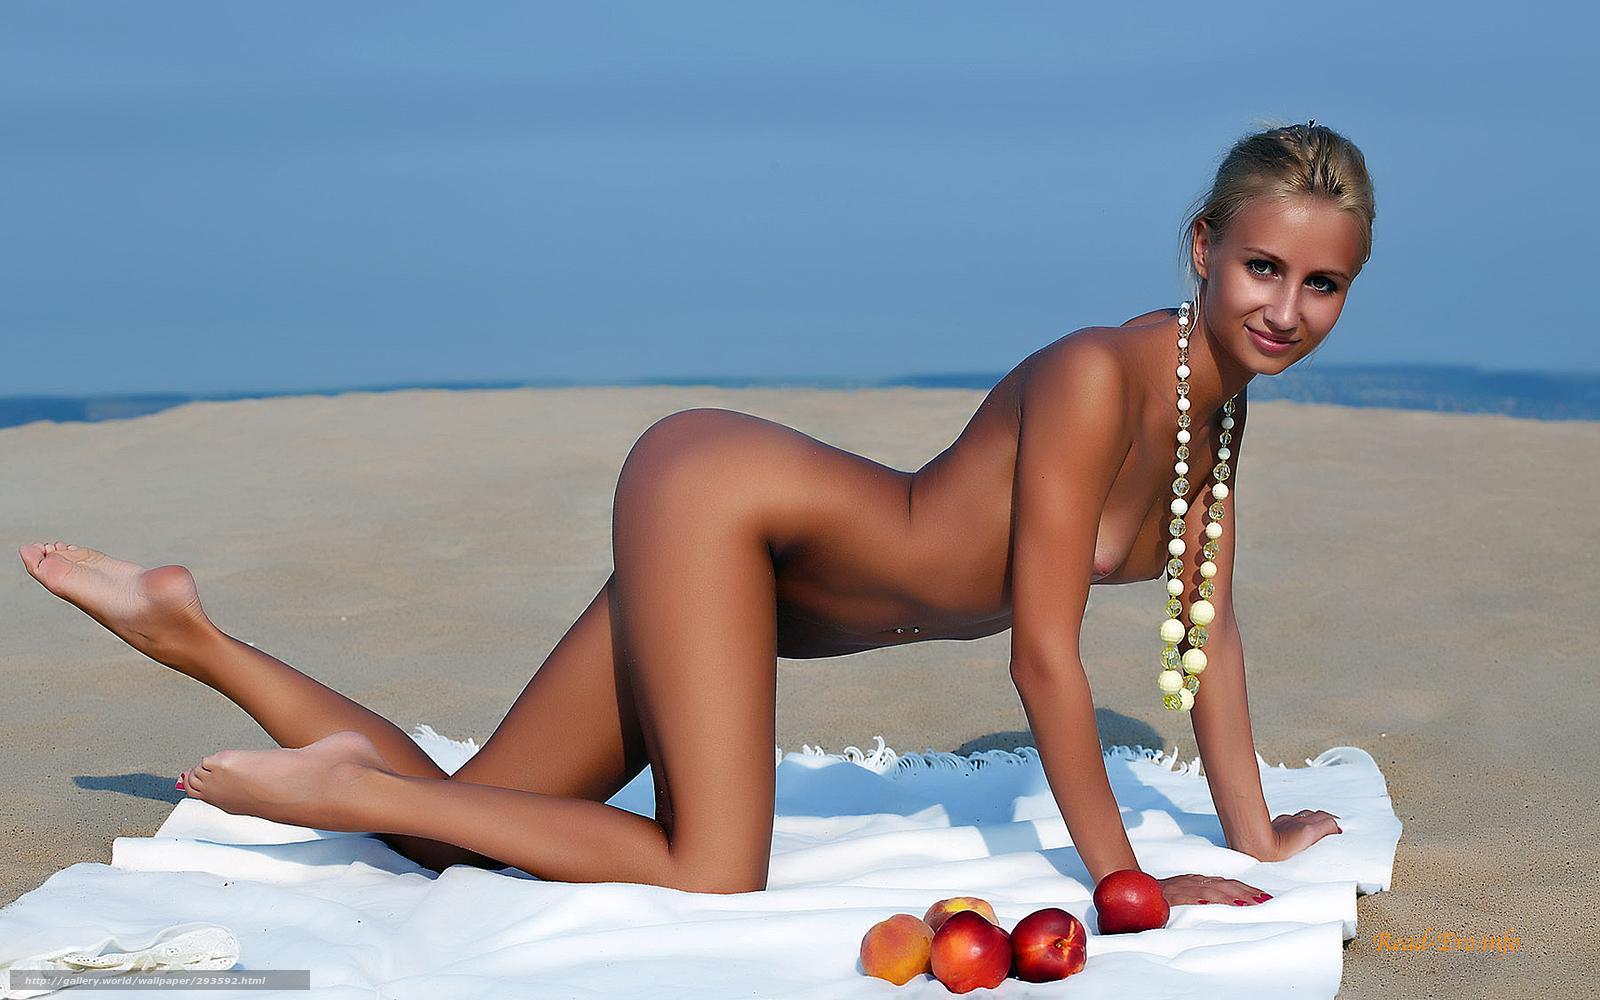 Фото девок но пляже 6 фотография